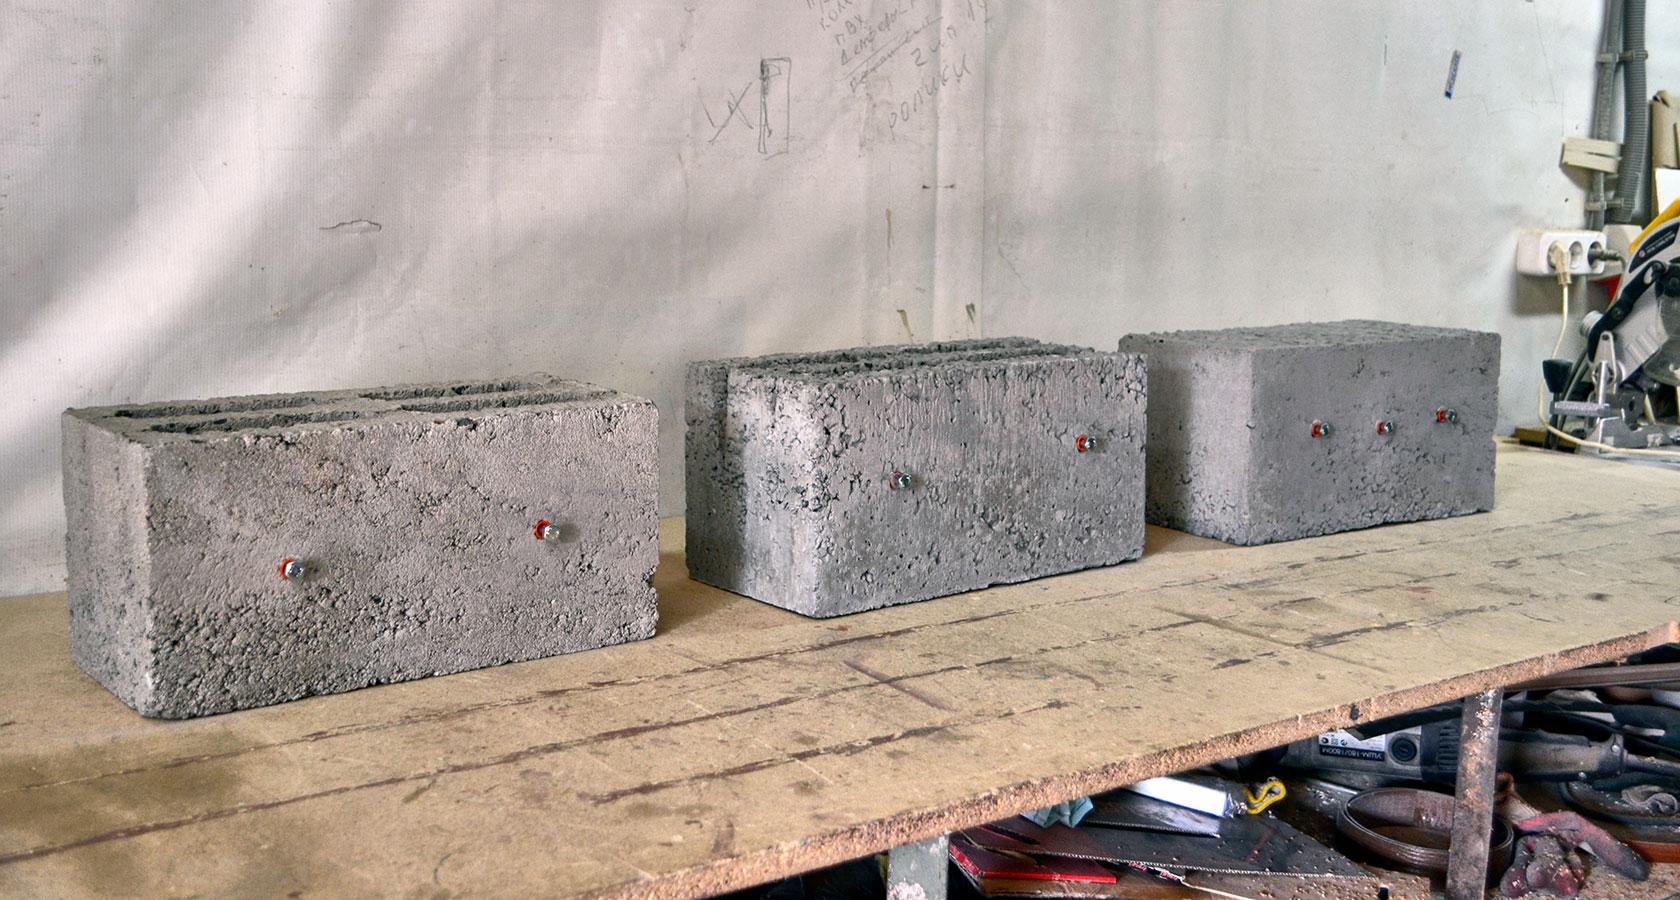 Дюбелям для керамзитобетон вибратор глубинный для бетона на 220 вт купить в